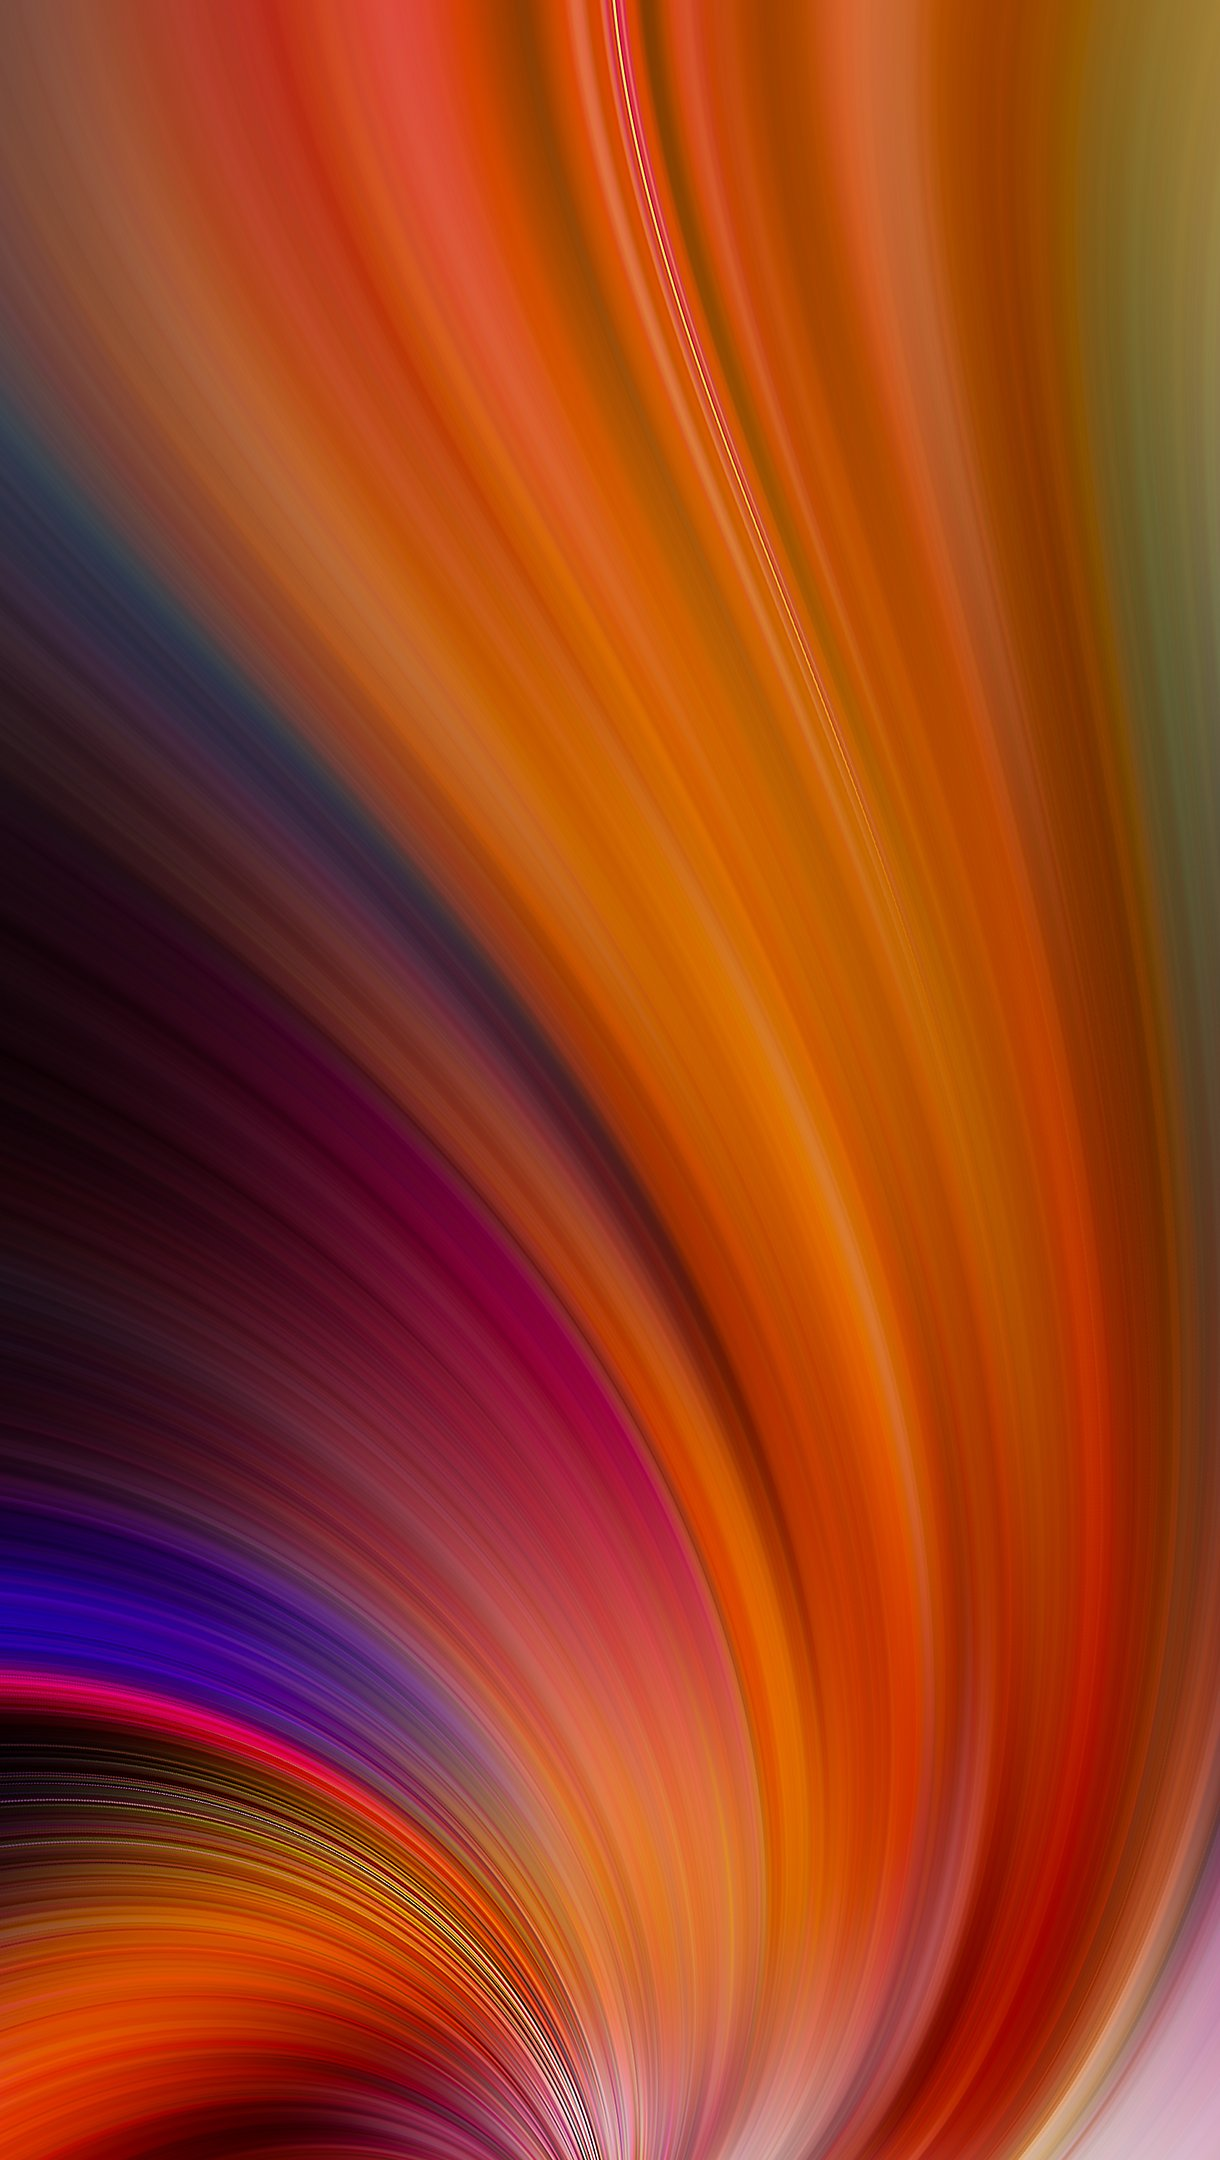 Fondos de pantalla Colores en remolino abstracto Vertical